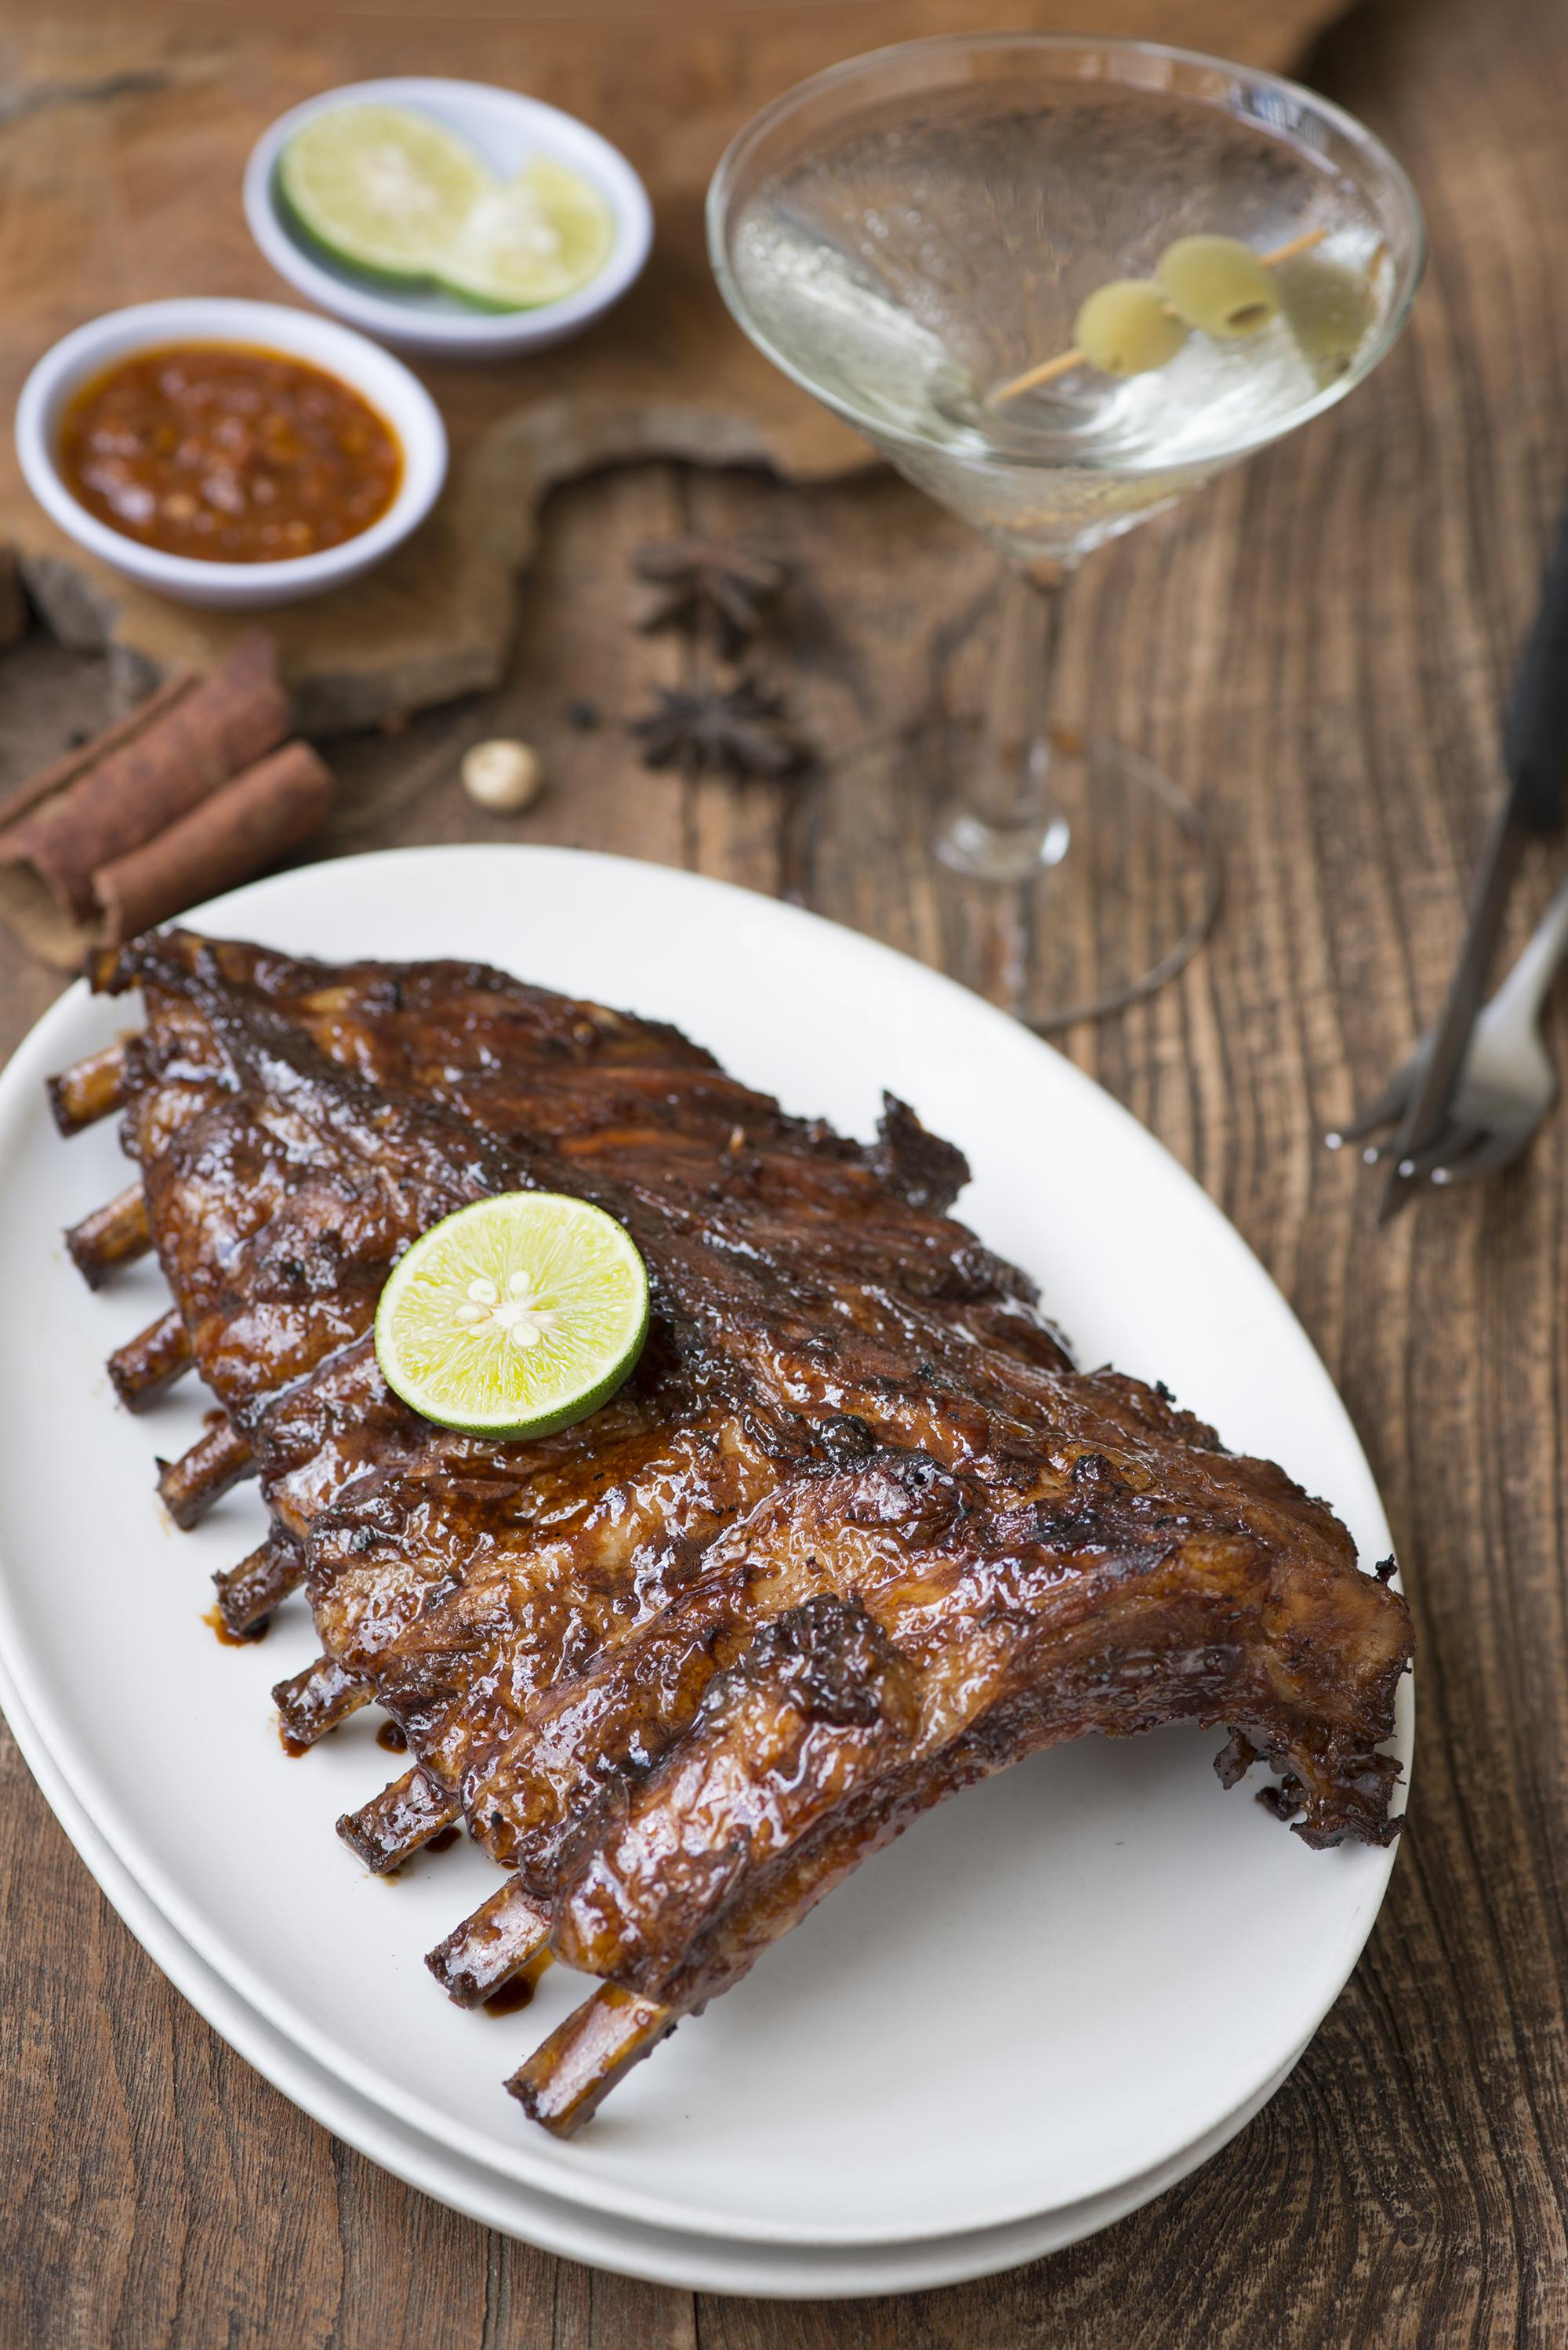 Barbequed ribs at Naughty Nuri's Warung